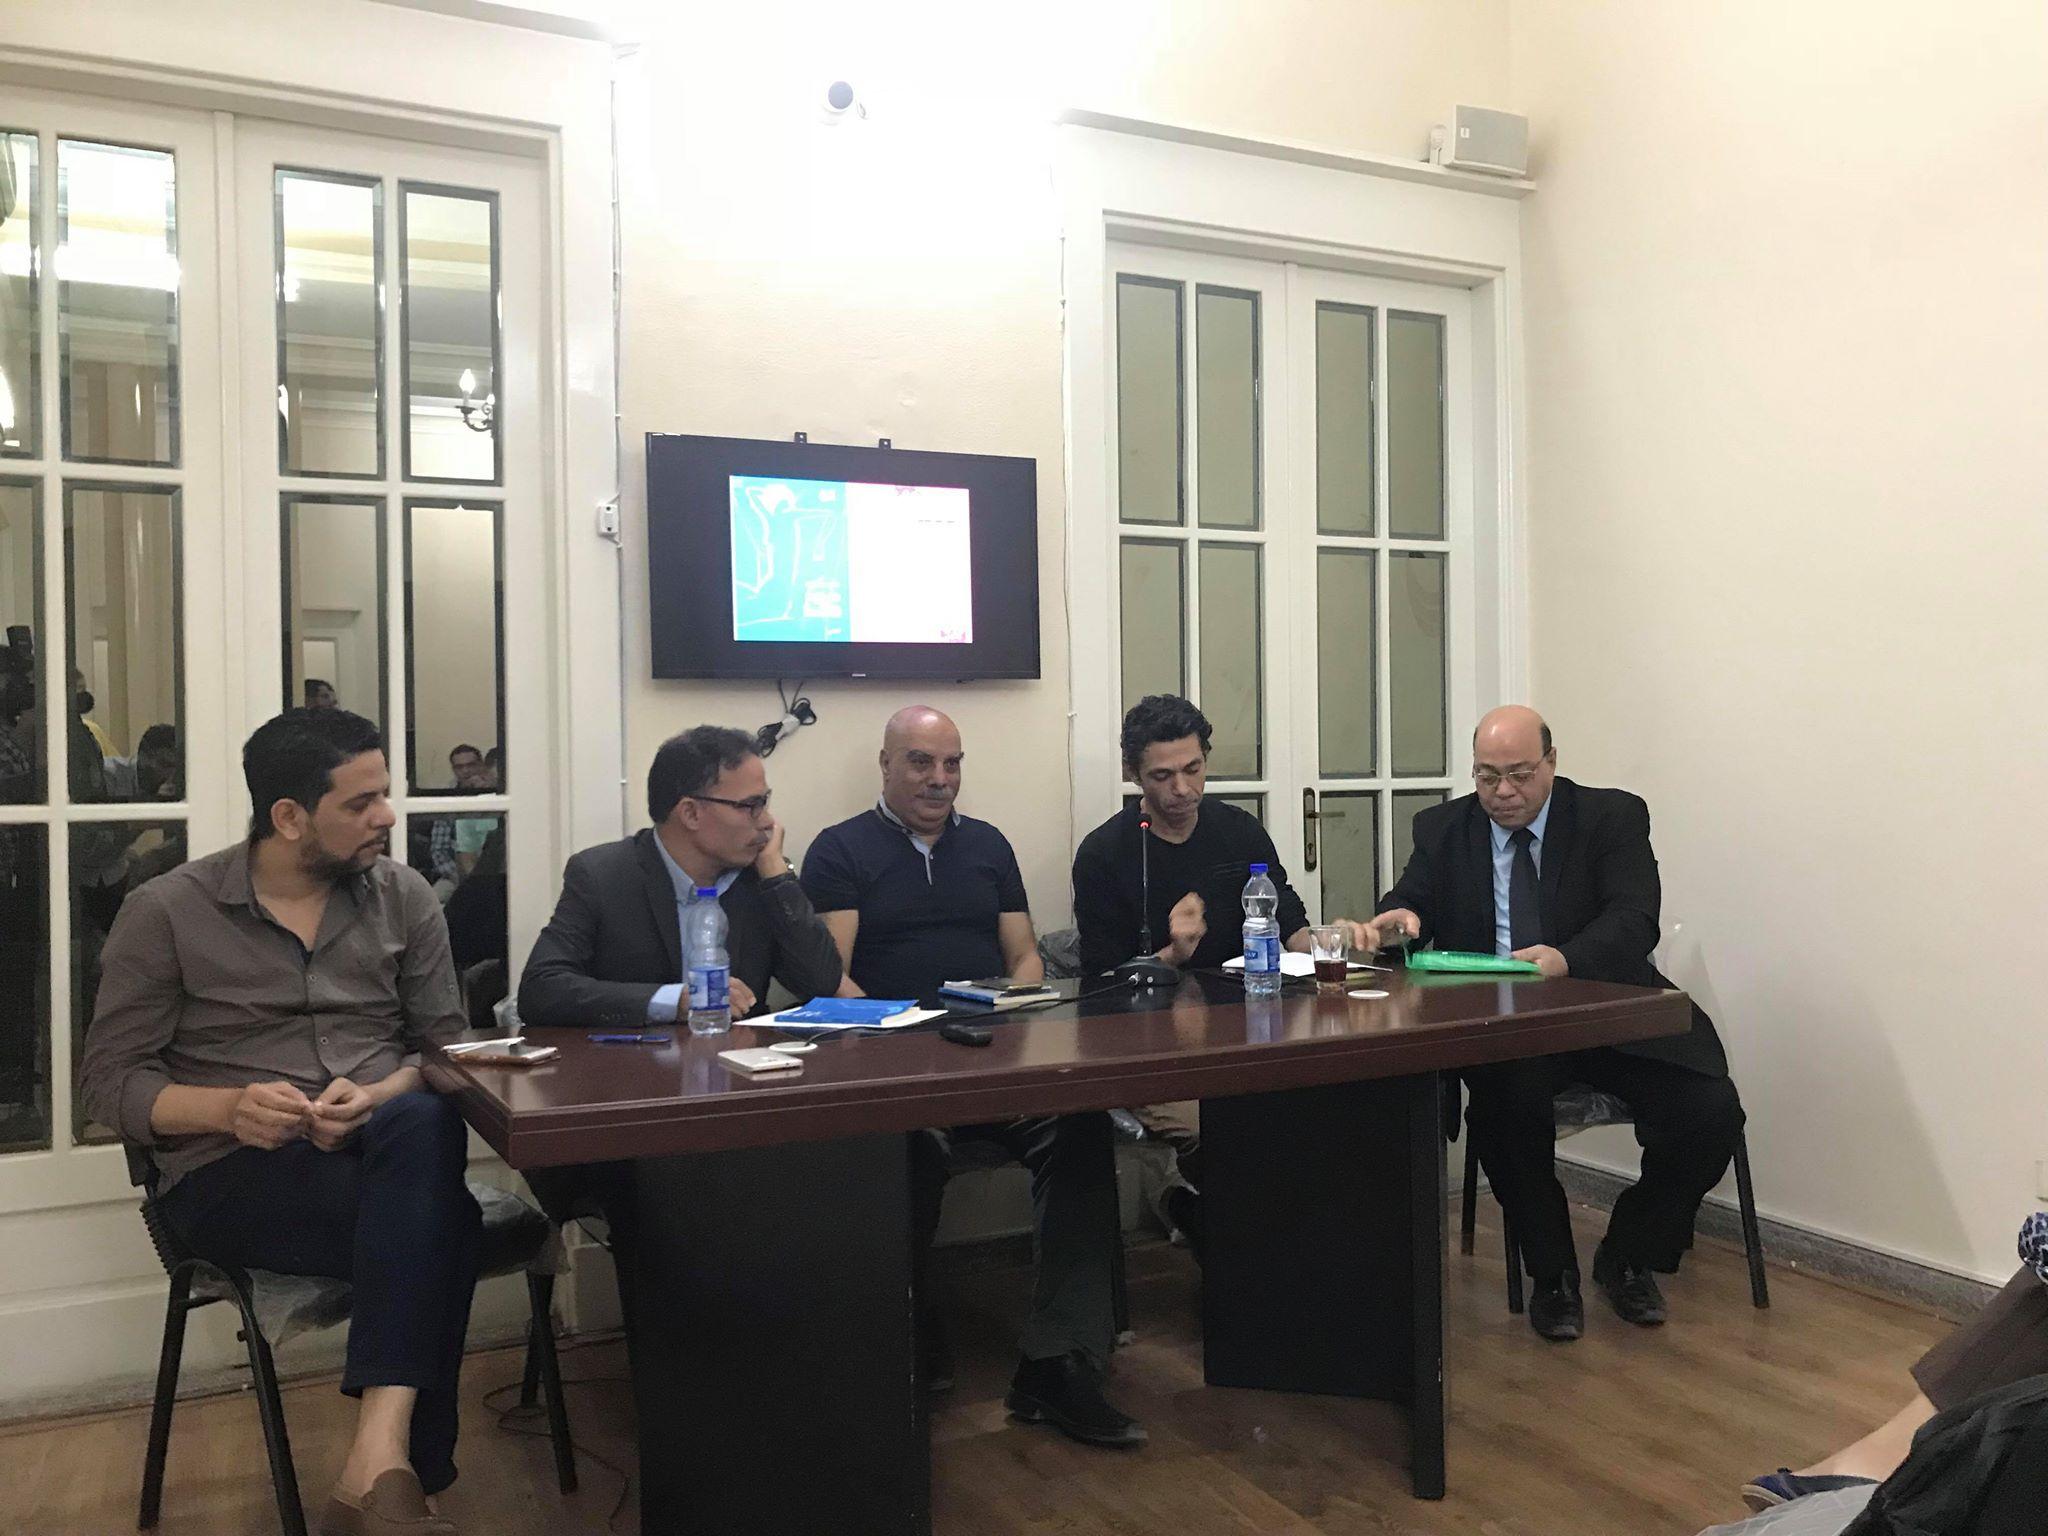 مناقشة حروب فاتنة للكاتب حسن عبد الموجود فى مؤسسة بتانة (3)